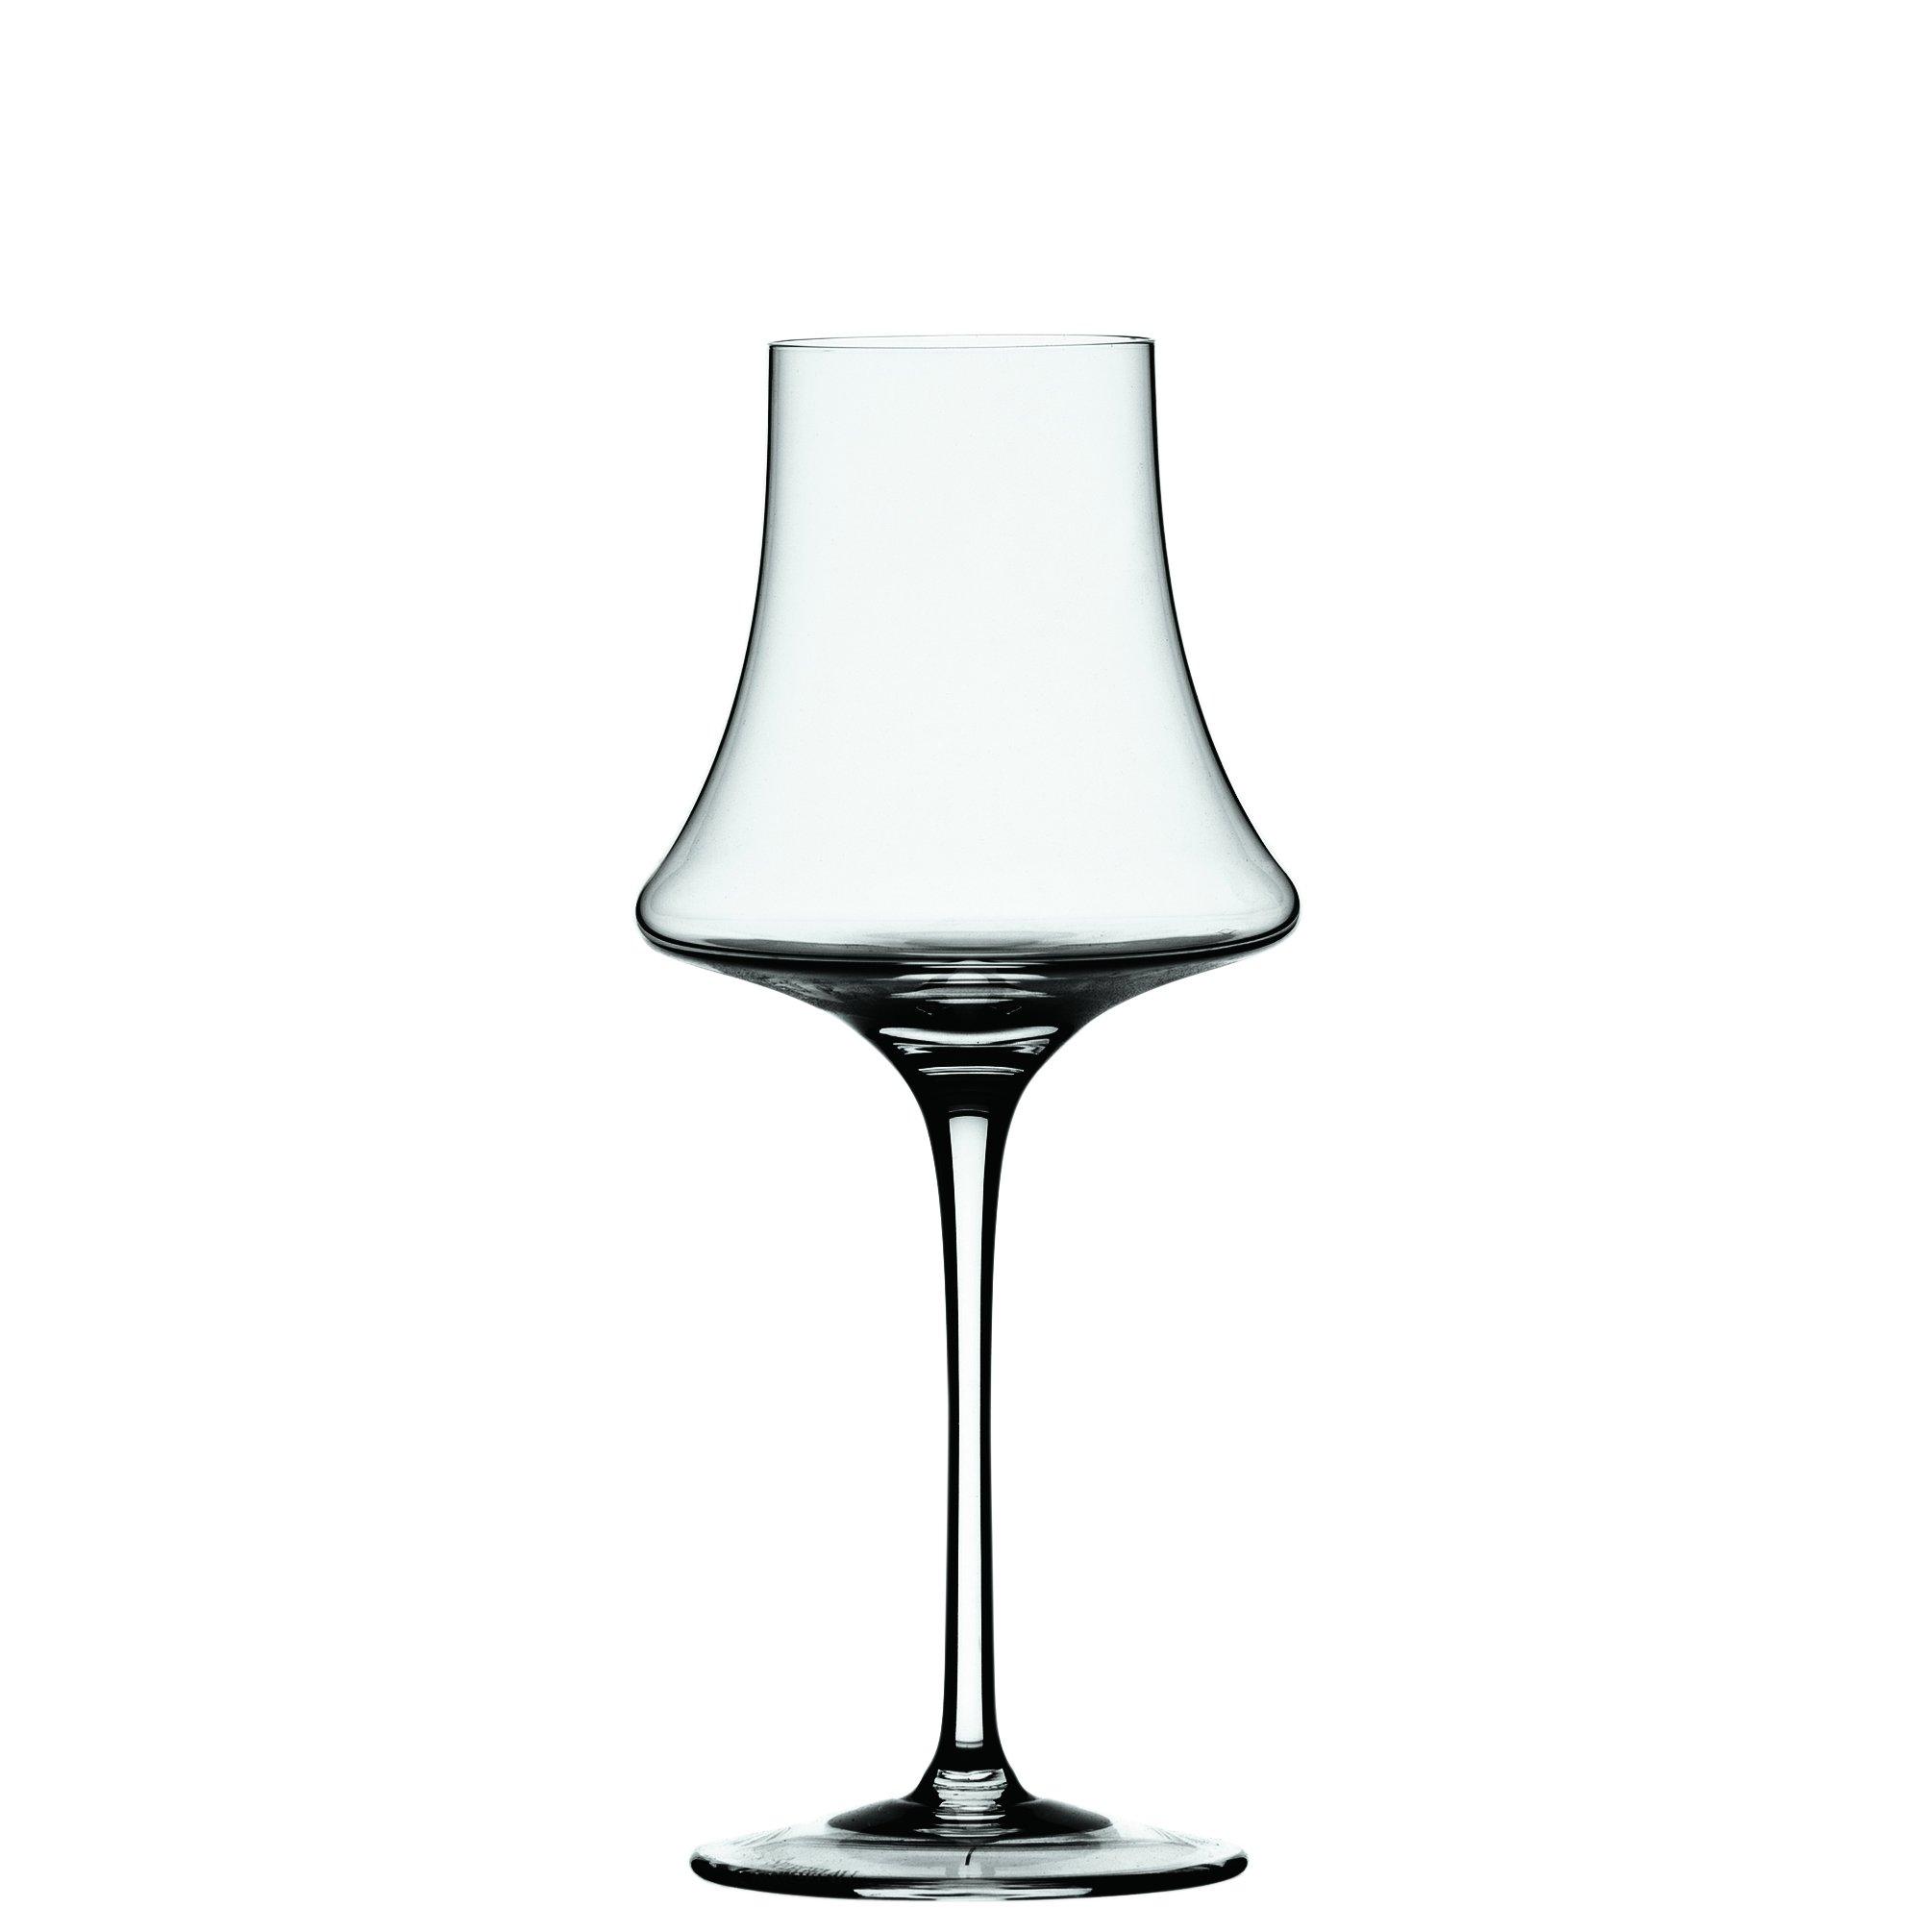 Spiegelau Willsberger Cognac Glass (Set of 4), 6.7 oz, Clear